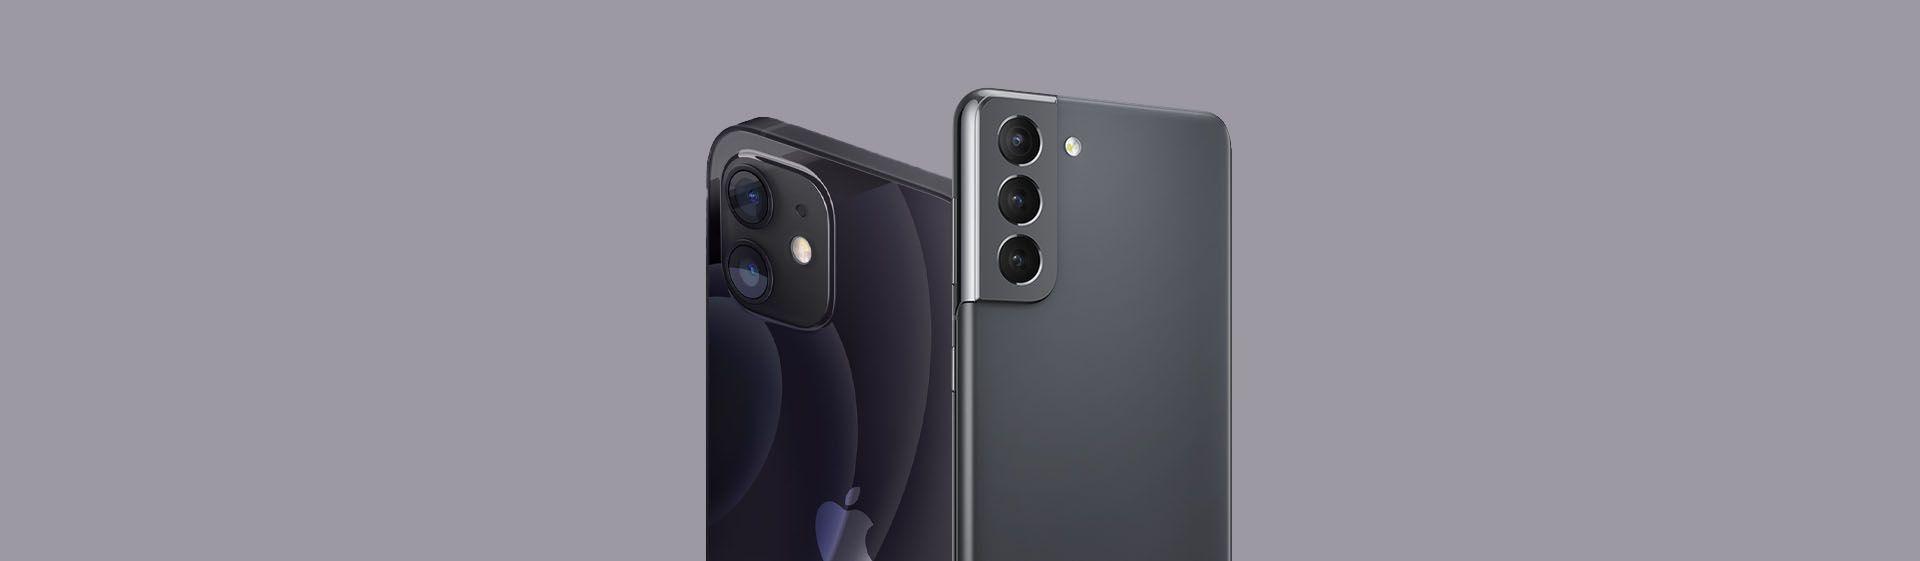 iPhone 12 vs Galaxy S21: comparamos os celulares da Samsung e da Apple